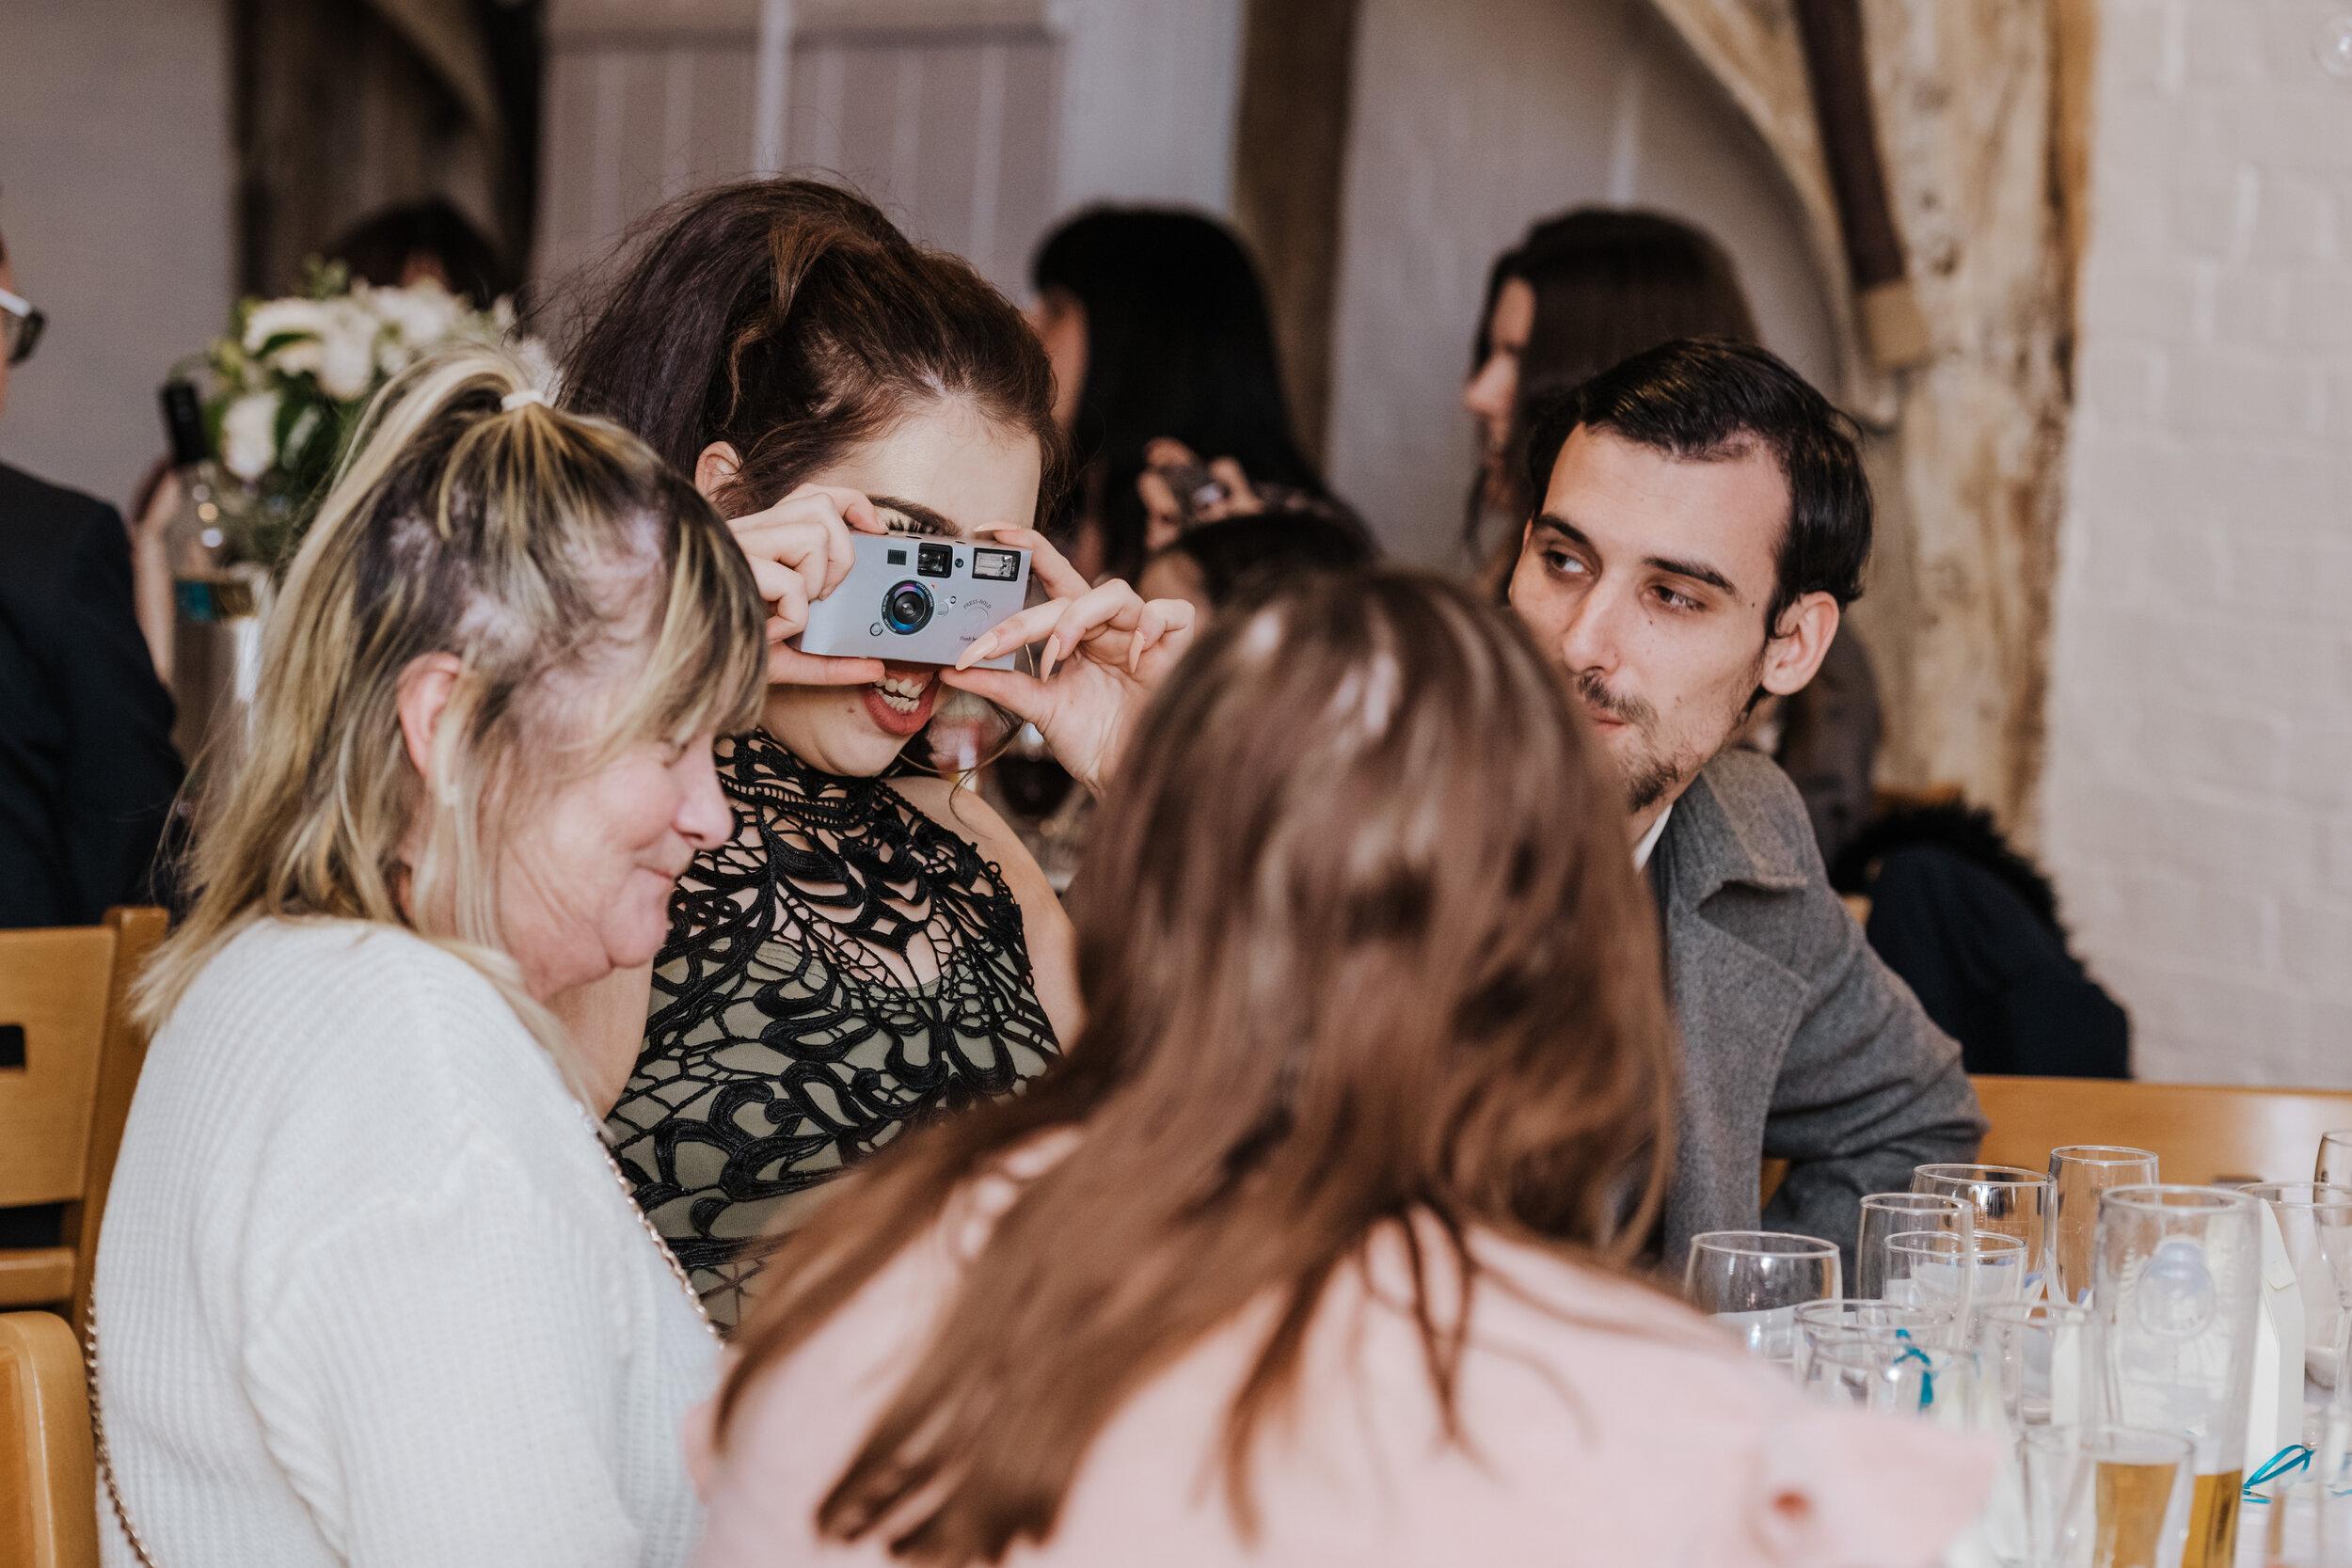 SUFFOLK_WEDDING_PHOTOGRAPHY_ISAACS_WEDDING_VENUE_WEDDINGPHOTOGRAPHERNEARME_iPSWICHWEDDINGPHOTOGRAPHER (64).jpg